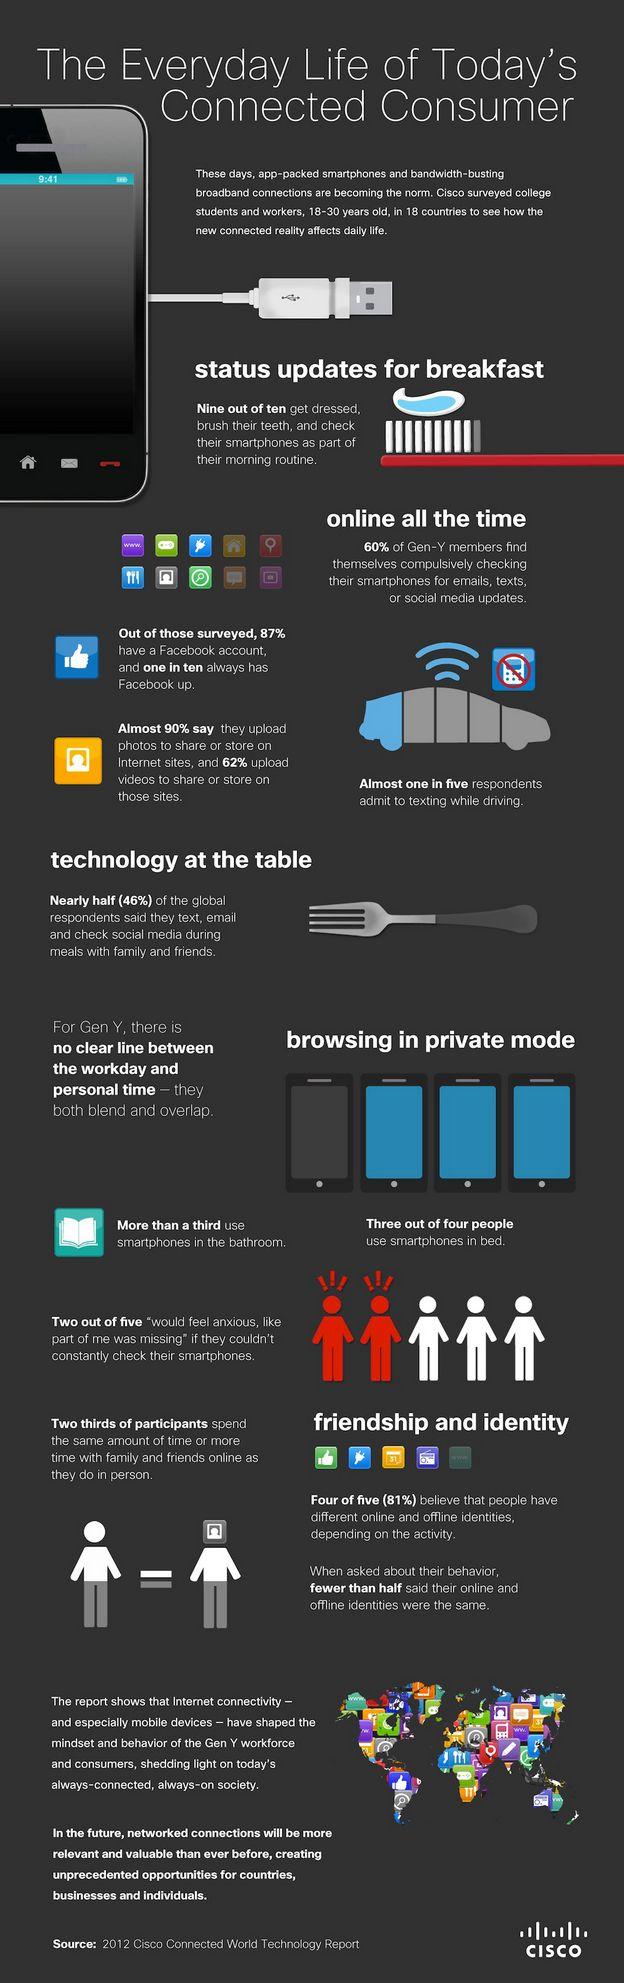 smartphone-use